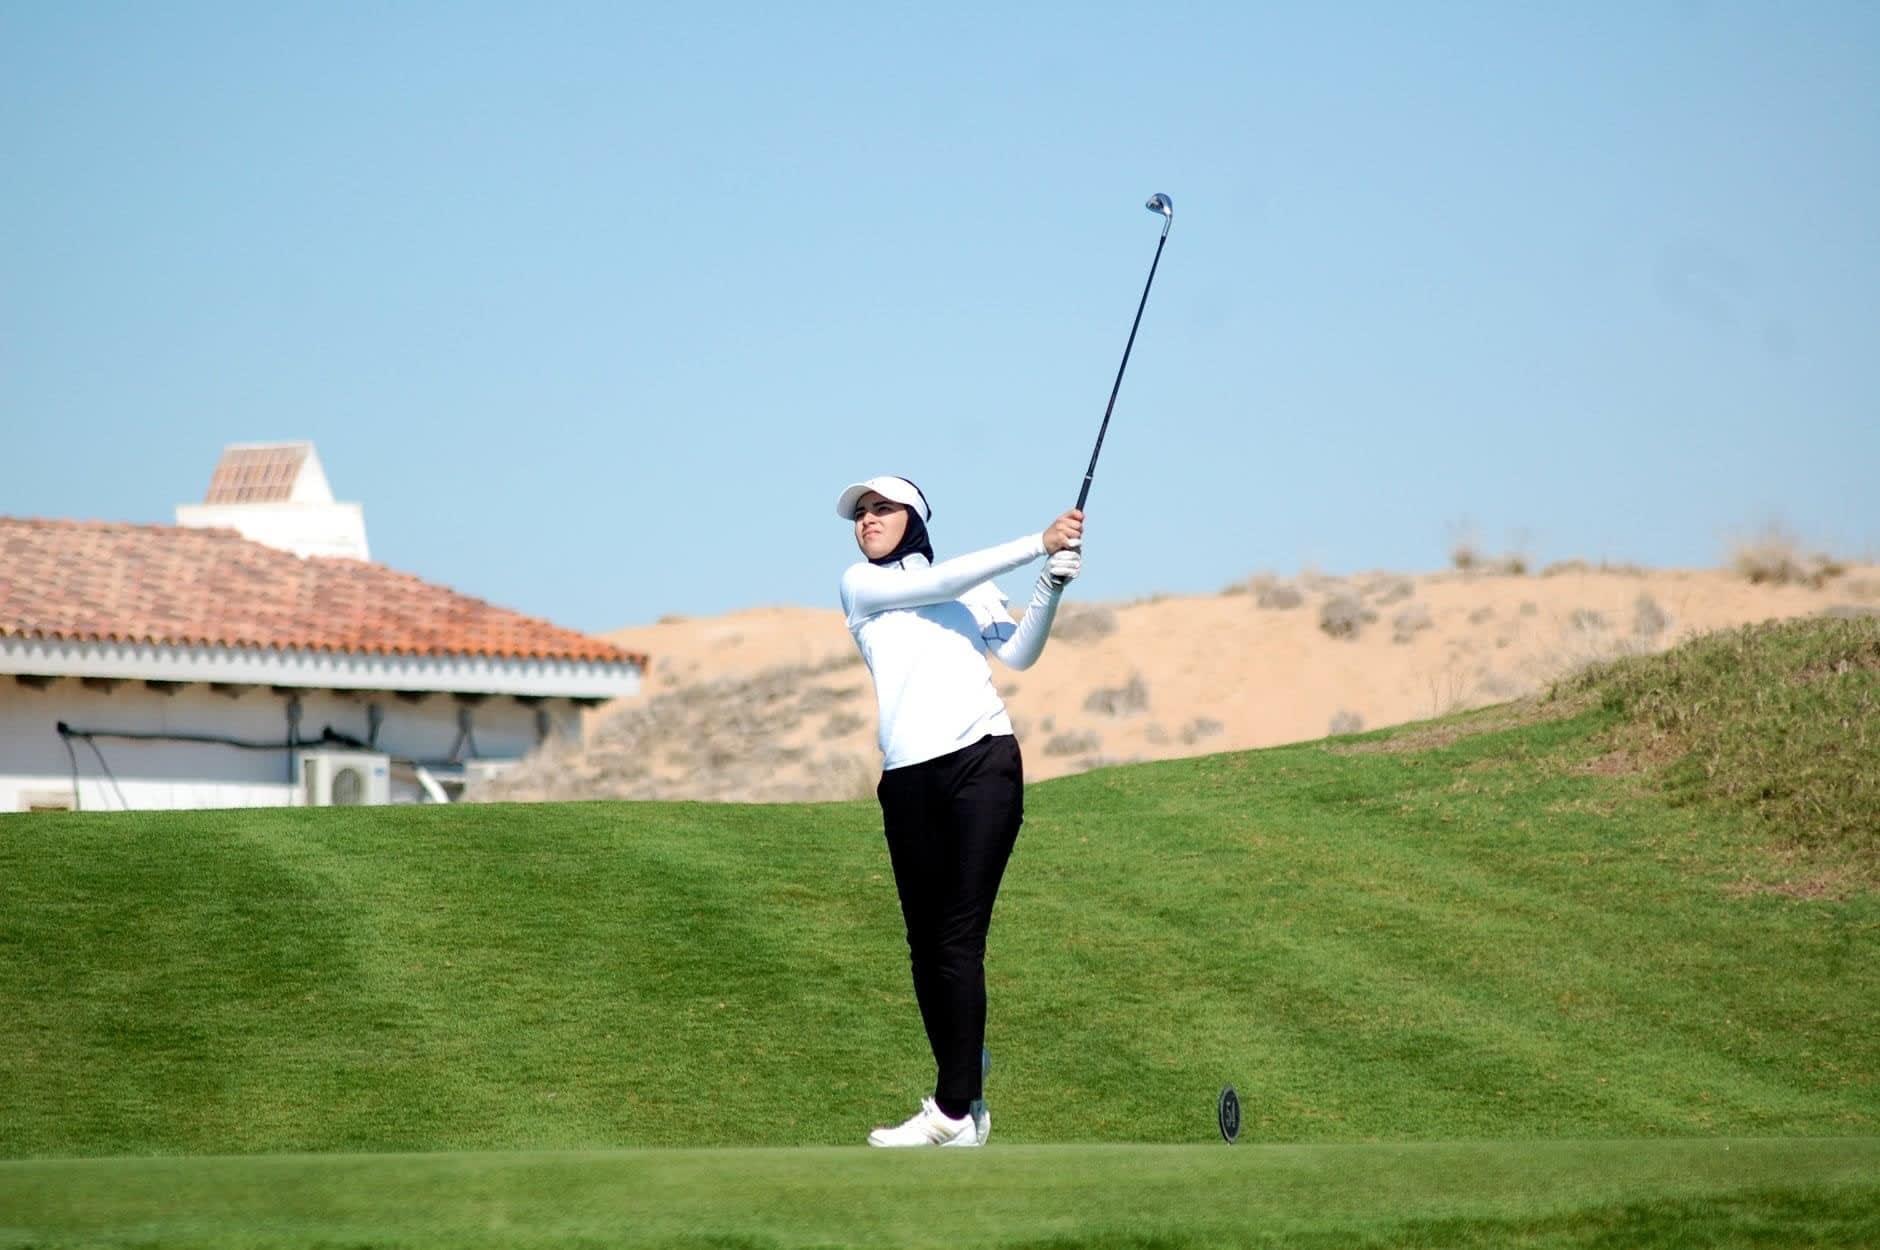 إنجازات مبهرة رغم صغر سنها.. تعرف على لاعبة الغولف الإماراتية الواعدة ريما الحلو